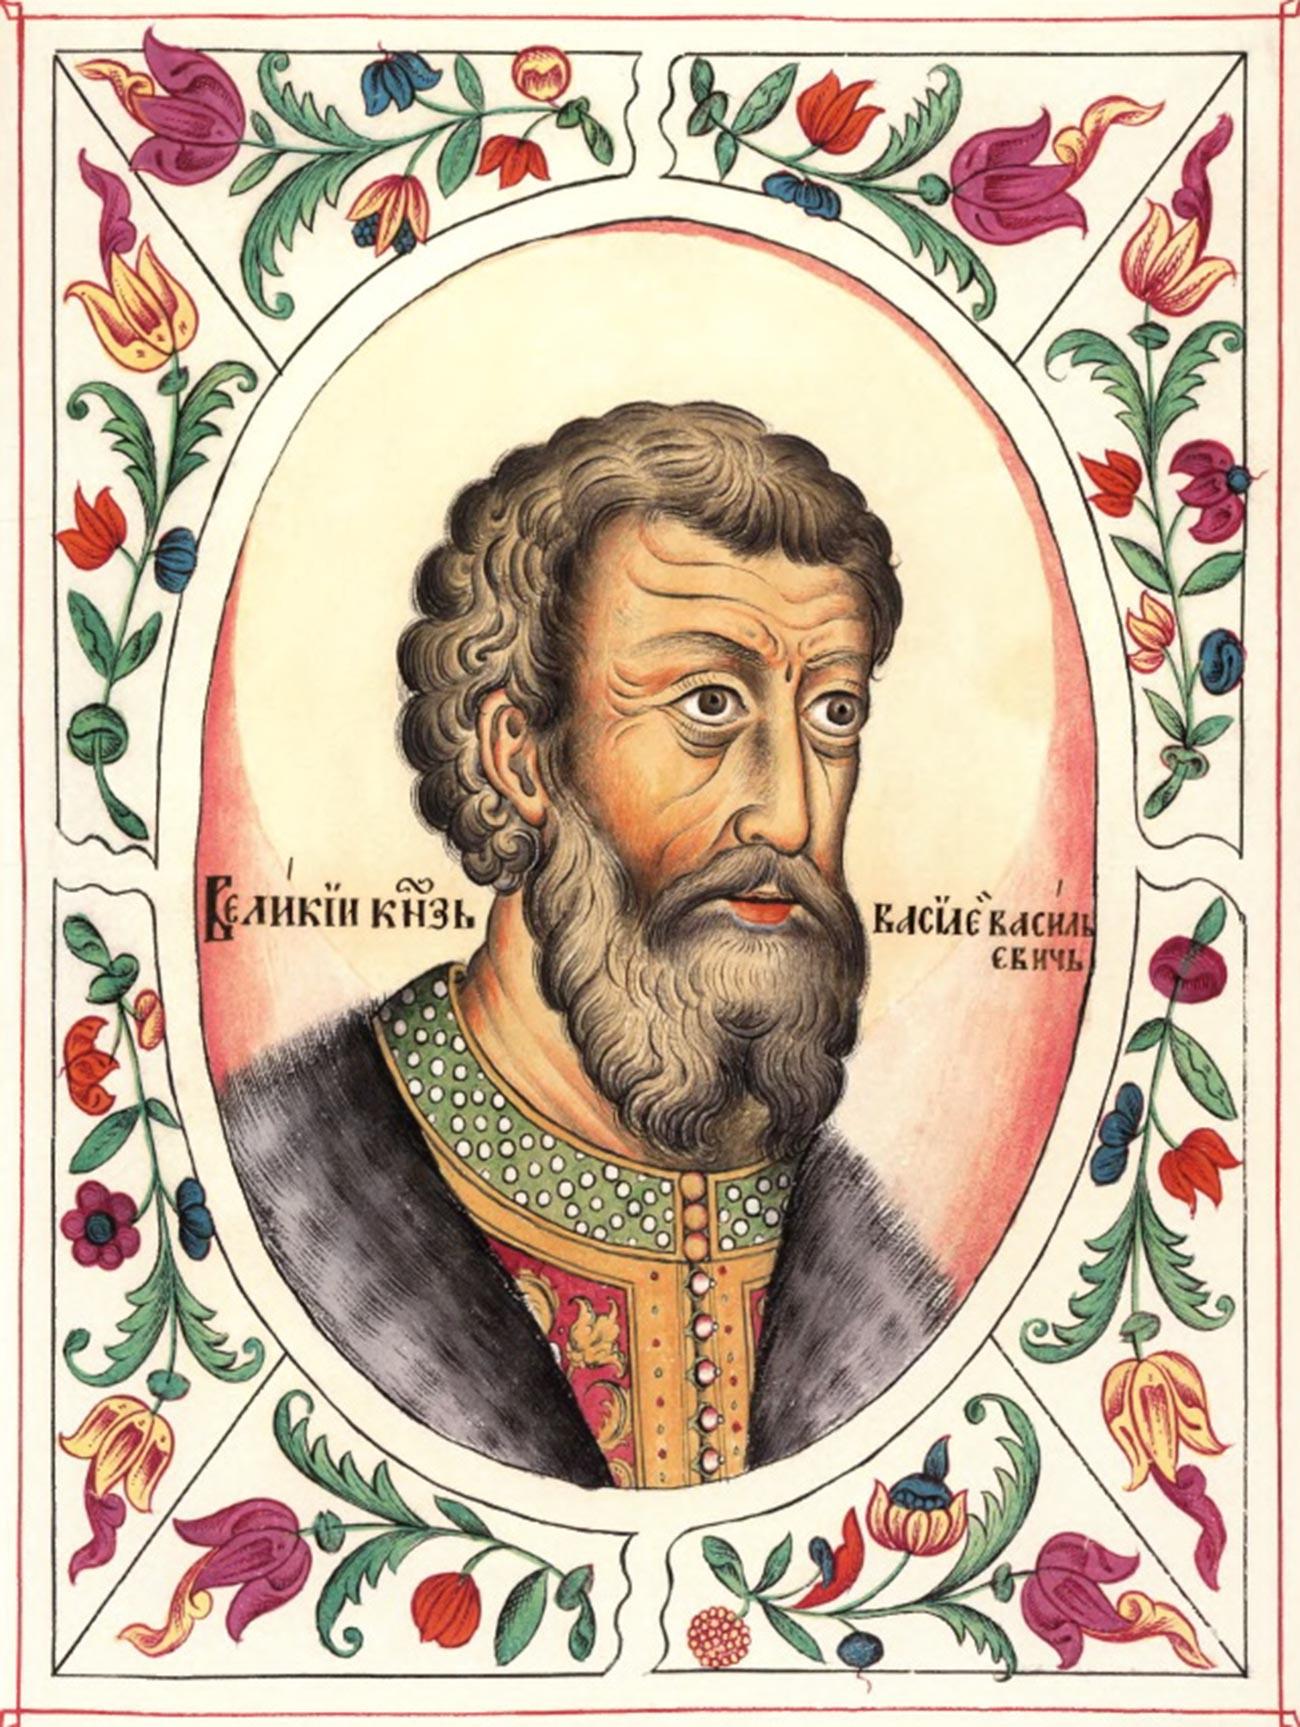 Basilio II di Russia. Questo ritratto è solo un'immagine di una Cronaca postuma. Non abbiamo immagini coeve di Vasilij (1415-1462), e non sappiamo che aspetto avesse in realtà